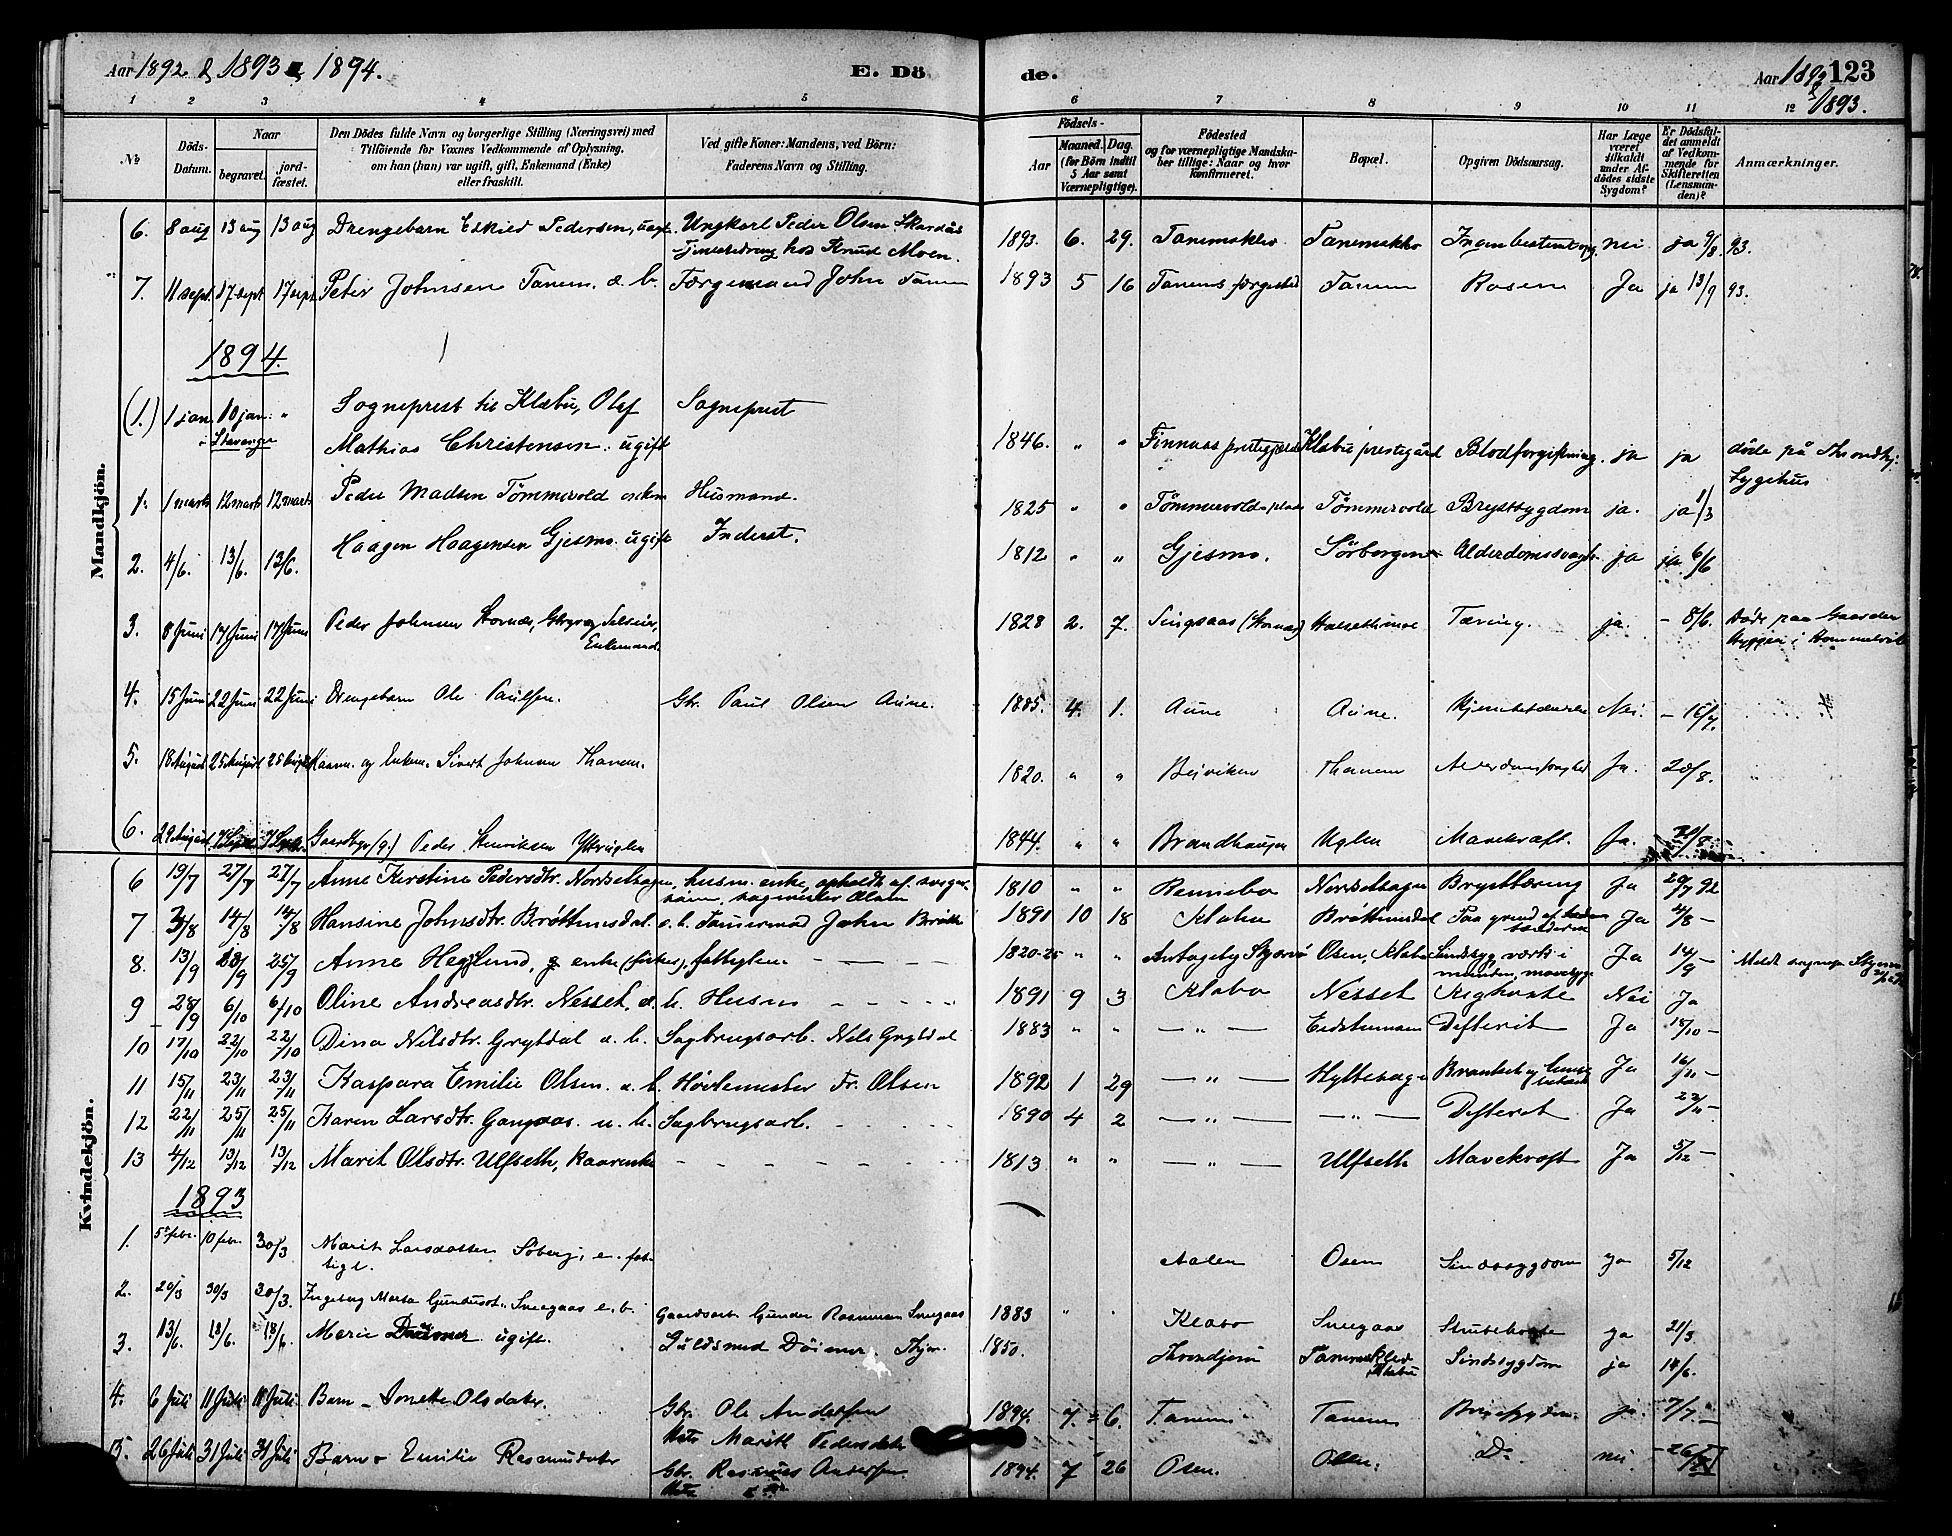 SAT, Ministerialprotokoller, klokkerbøker og fødselsregistre - Sør-Trøndelag, 618/L0444: Ministerialbok nr. 618A07, 1880-1898, s. 123